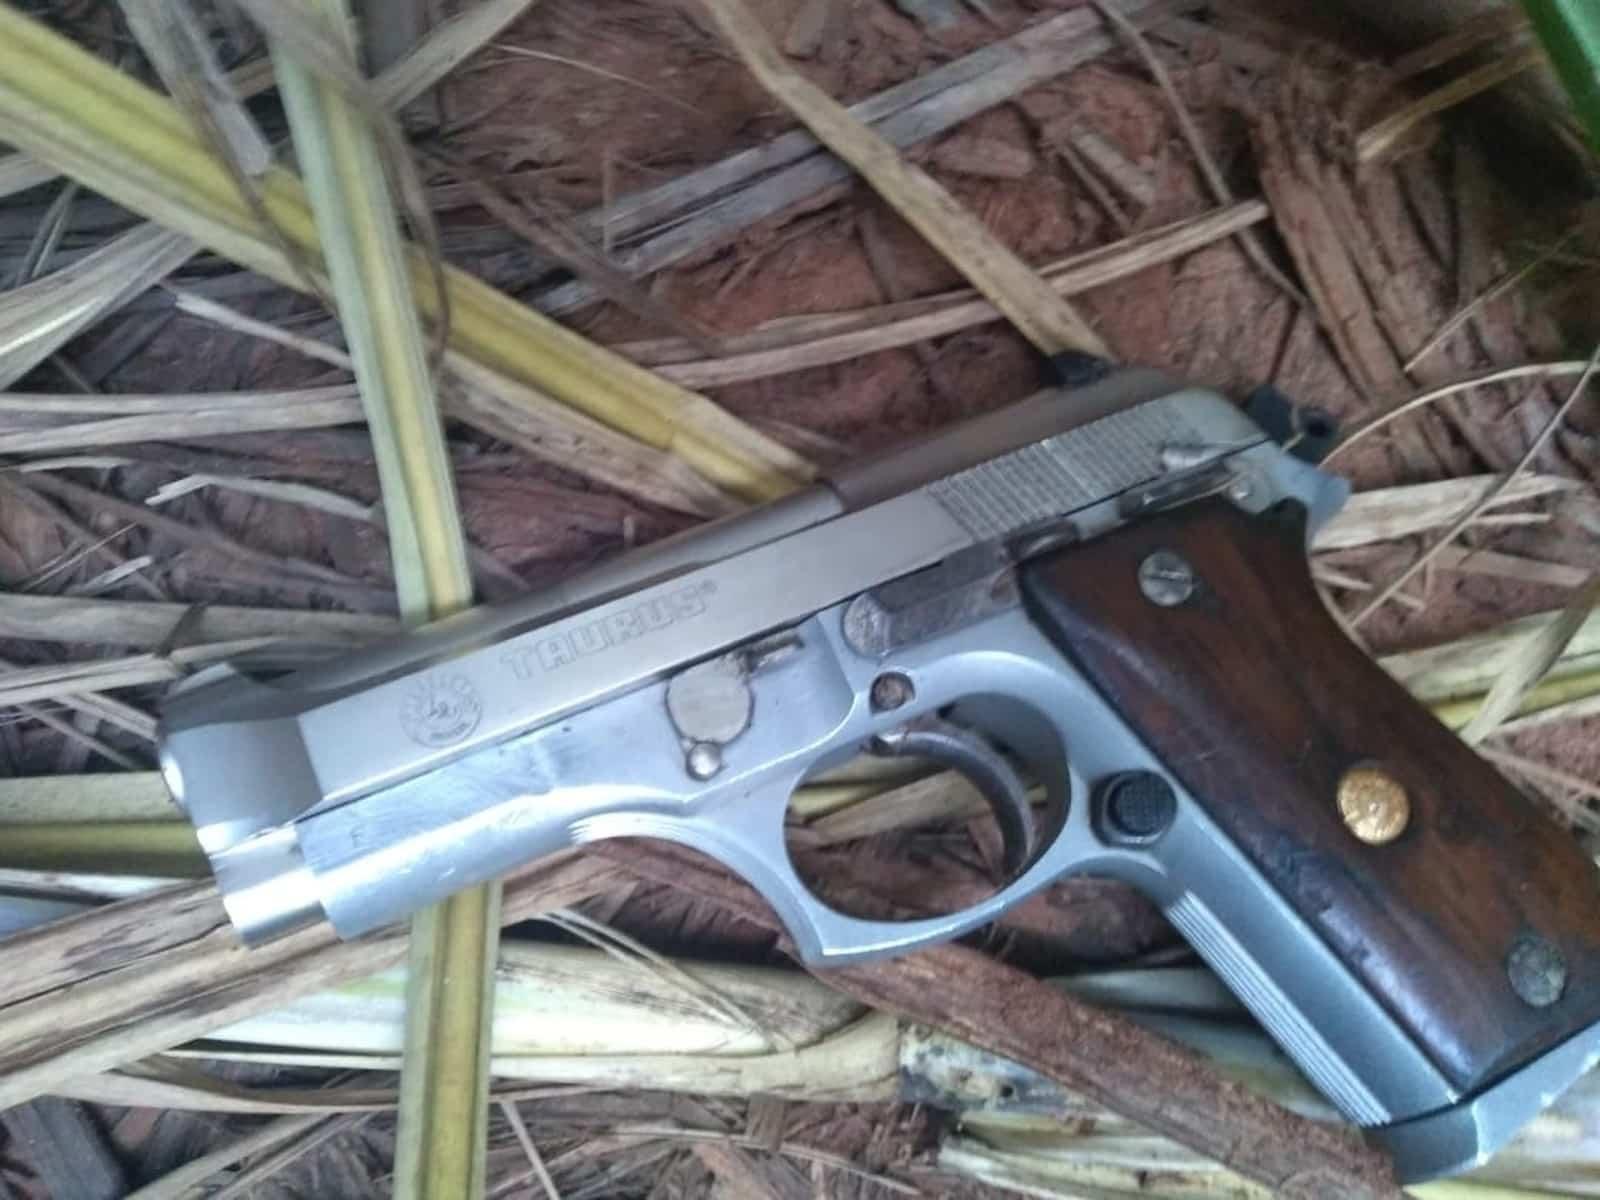 Arma e munição que estavam com ex-prefeito e filho foram apreendidas após troca de tiros na zona rural de Assis — Foto: Policia Militar/Divulgação